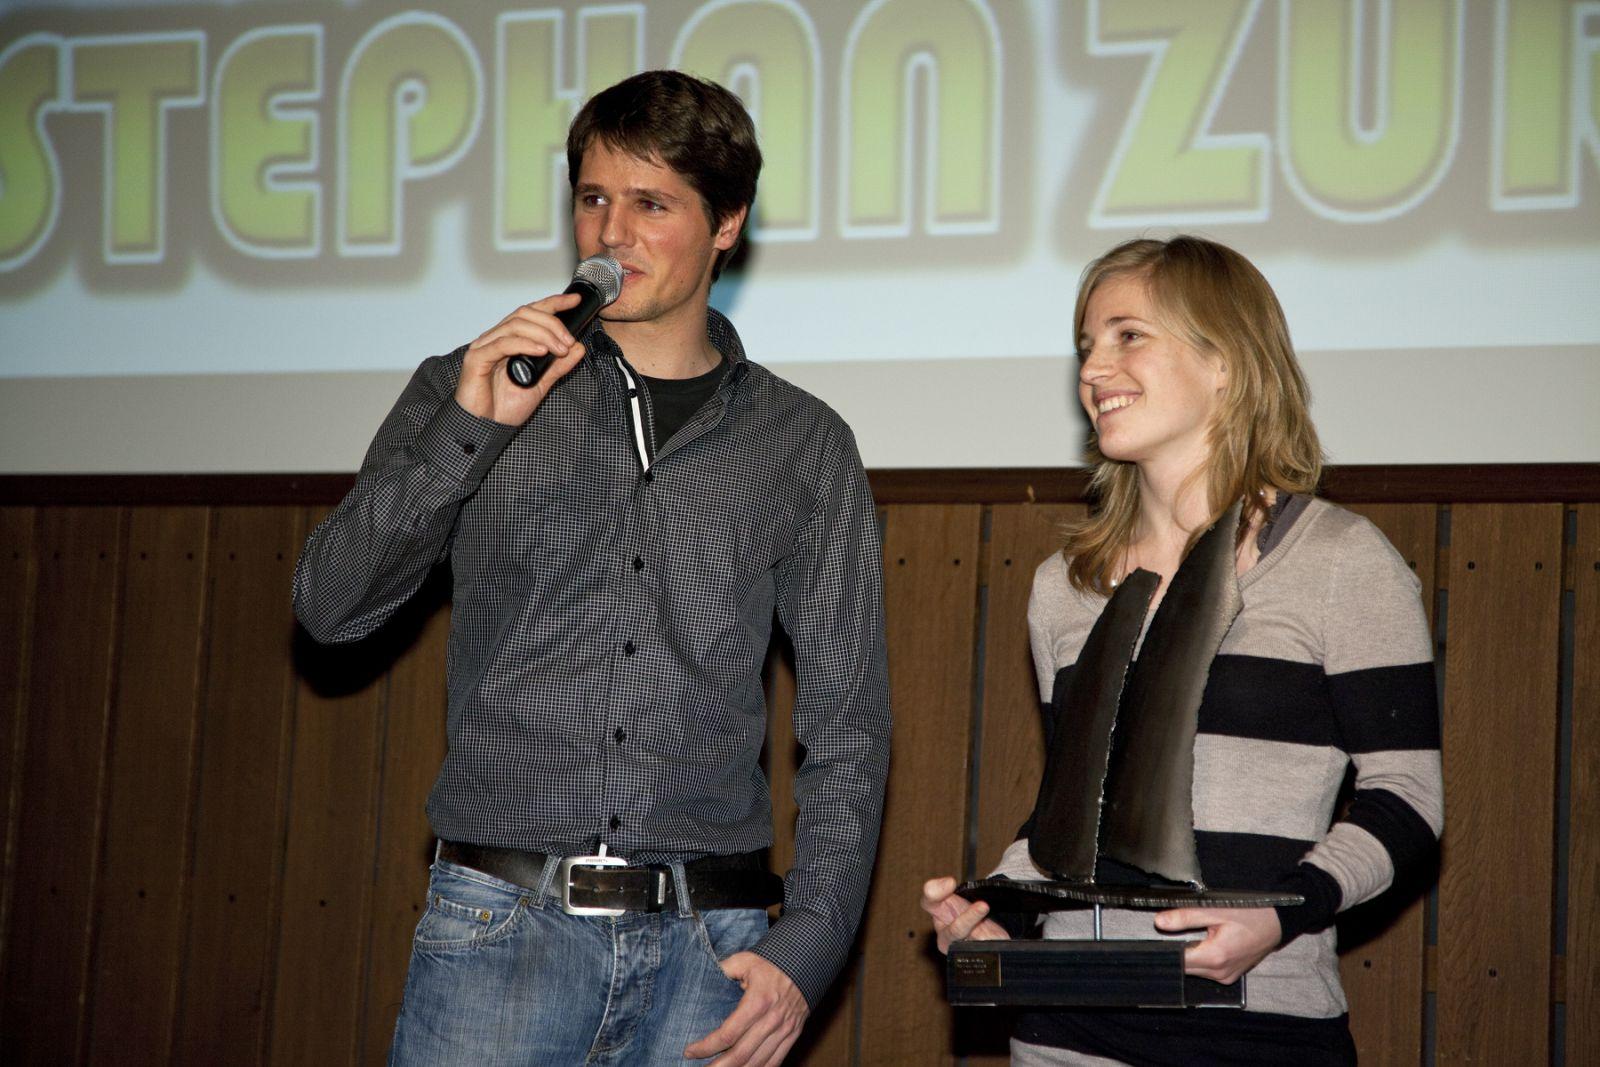 Auswahl_Seglerfest_2012 Seglerfest_2012_MG_8158.jpg